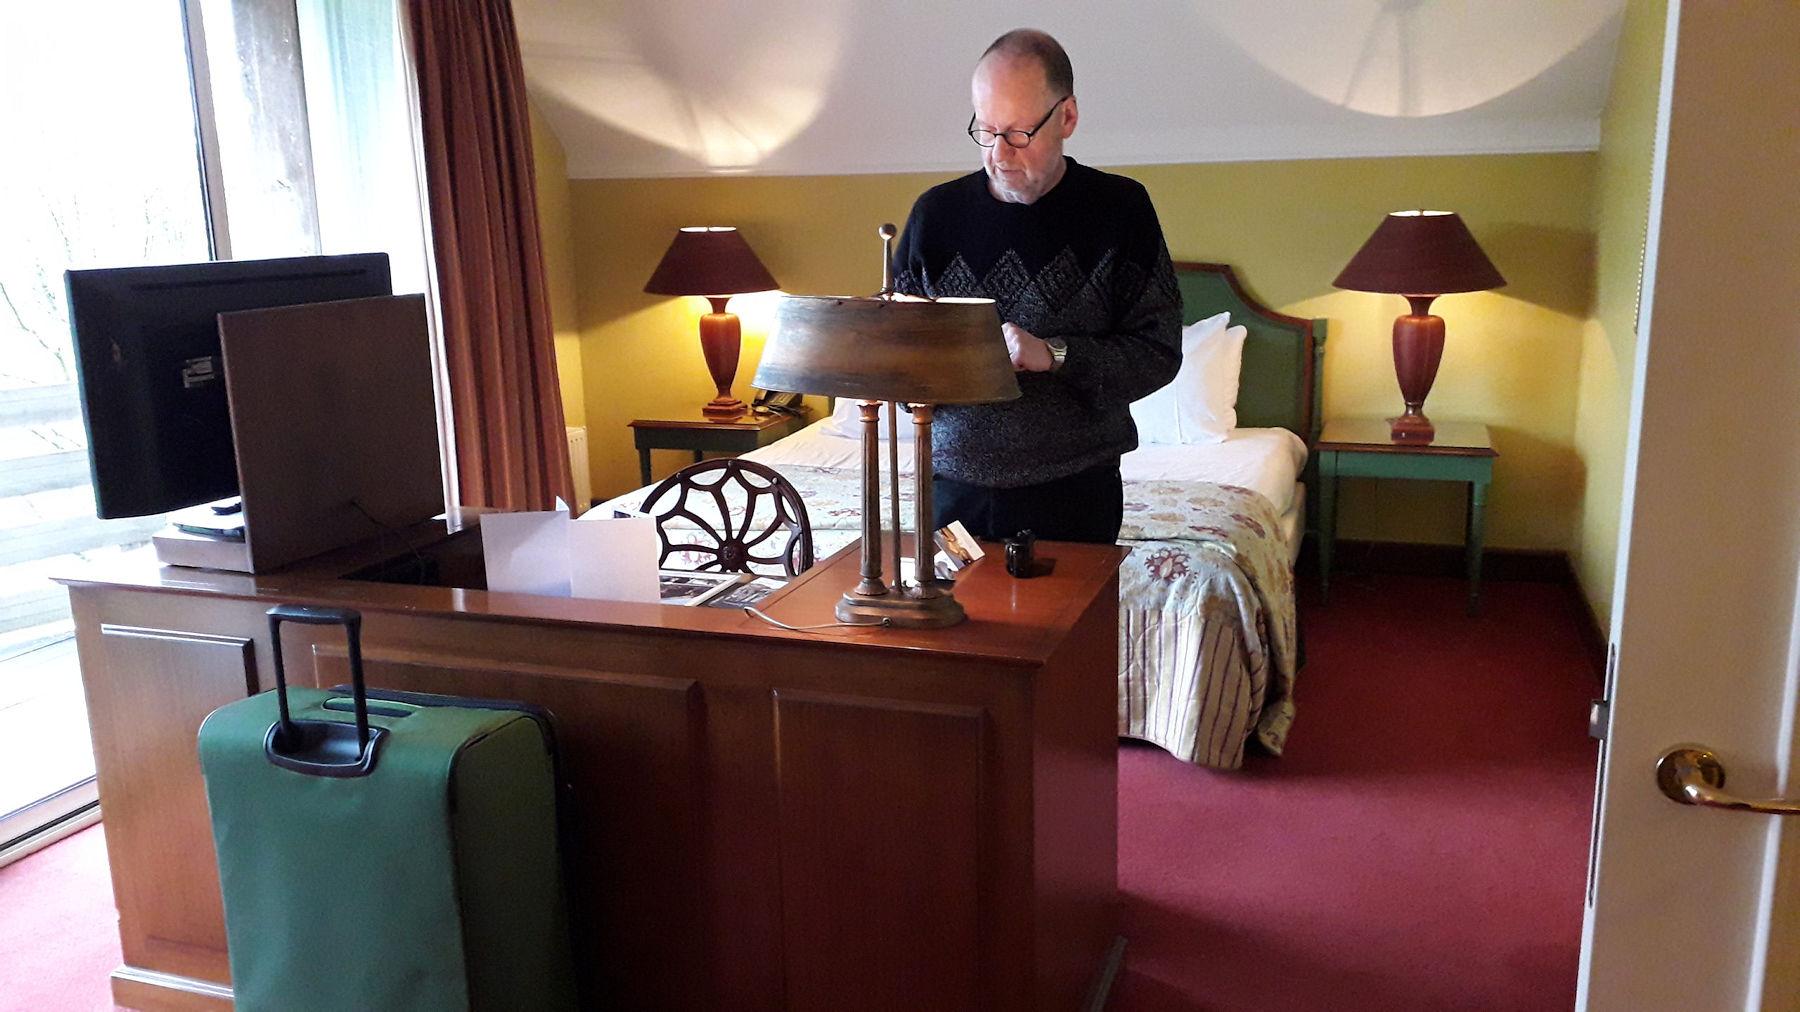 Bij aankomst in onze hotelkamer...